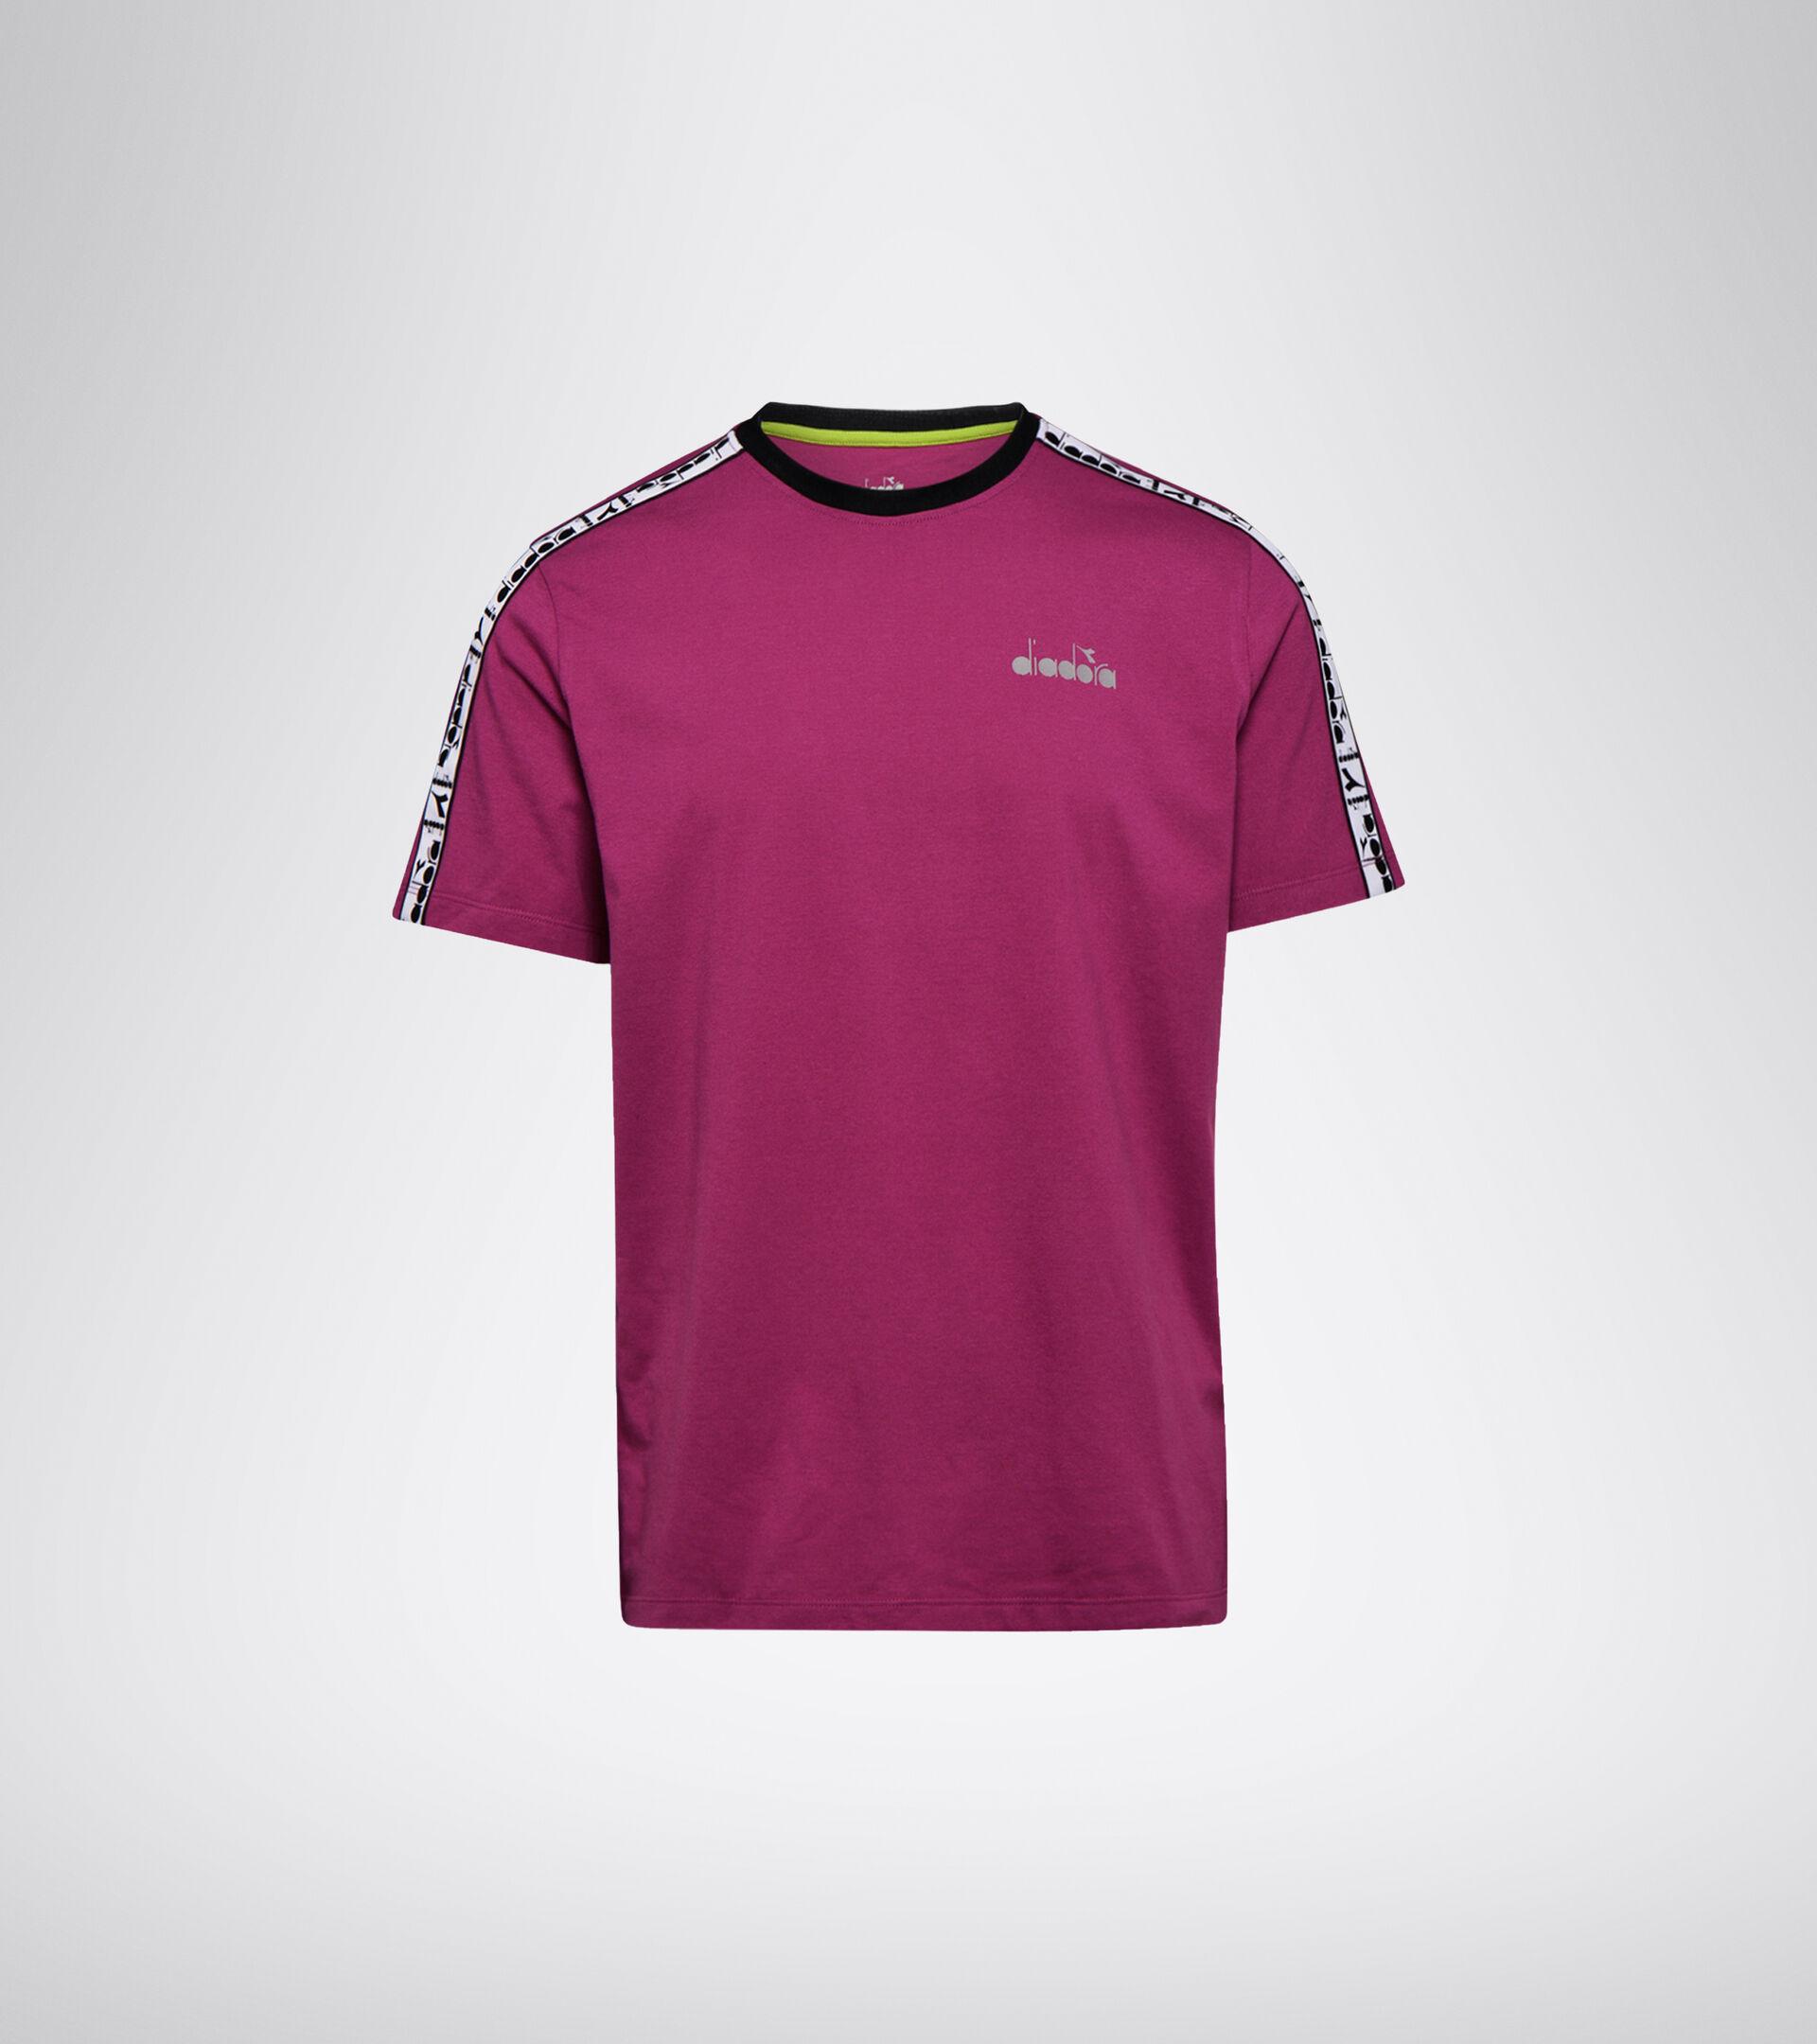 Sportliche T-Shirts - Herren  SS T-SHIRT PLUS BE ONE BATON ROUGE - Diadora